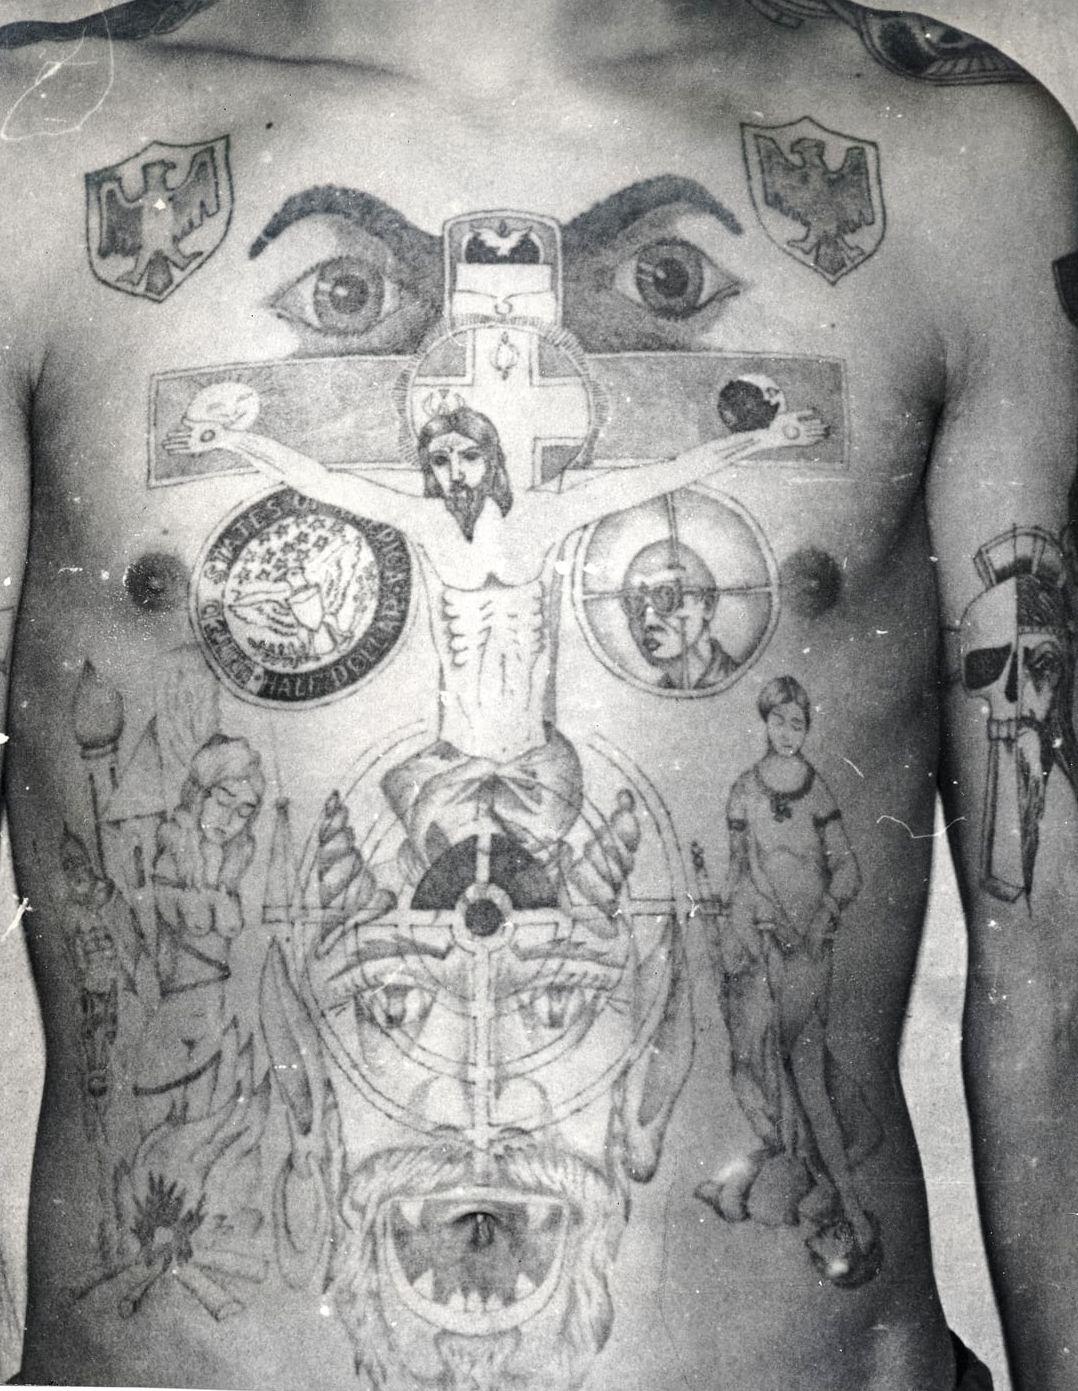 значение тату на зоне в картинках вероятность, что